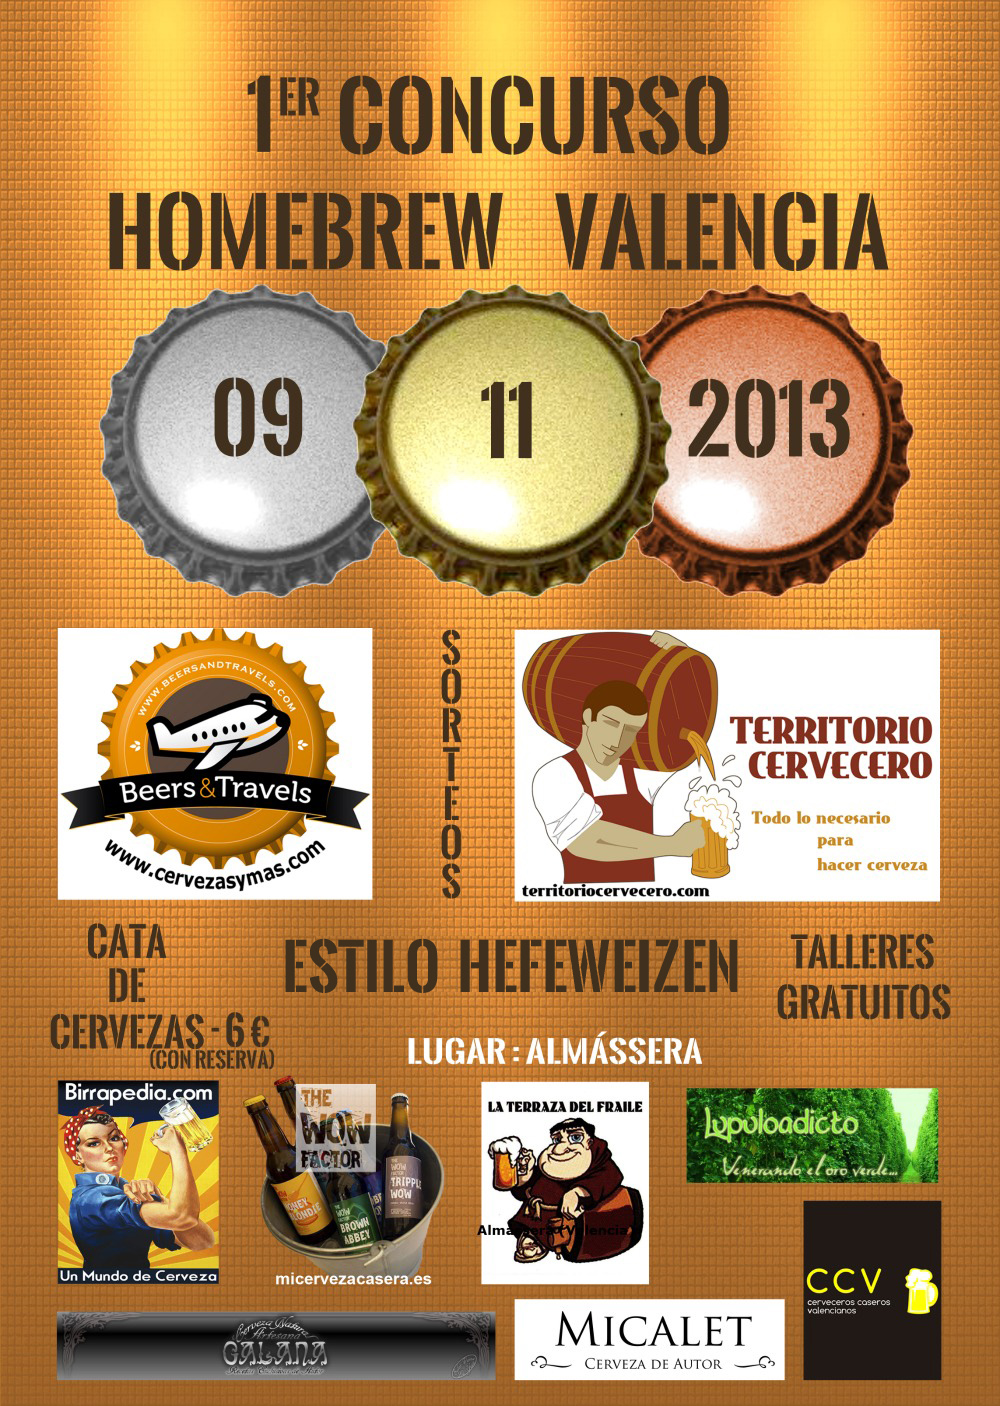 1er-CONCURSO-HOMEBREW-VALENCIA-2013-baja